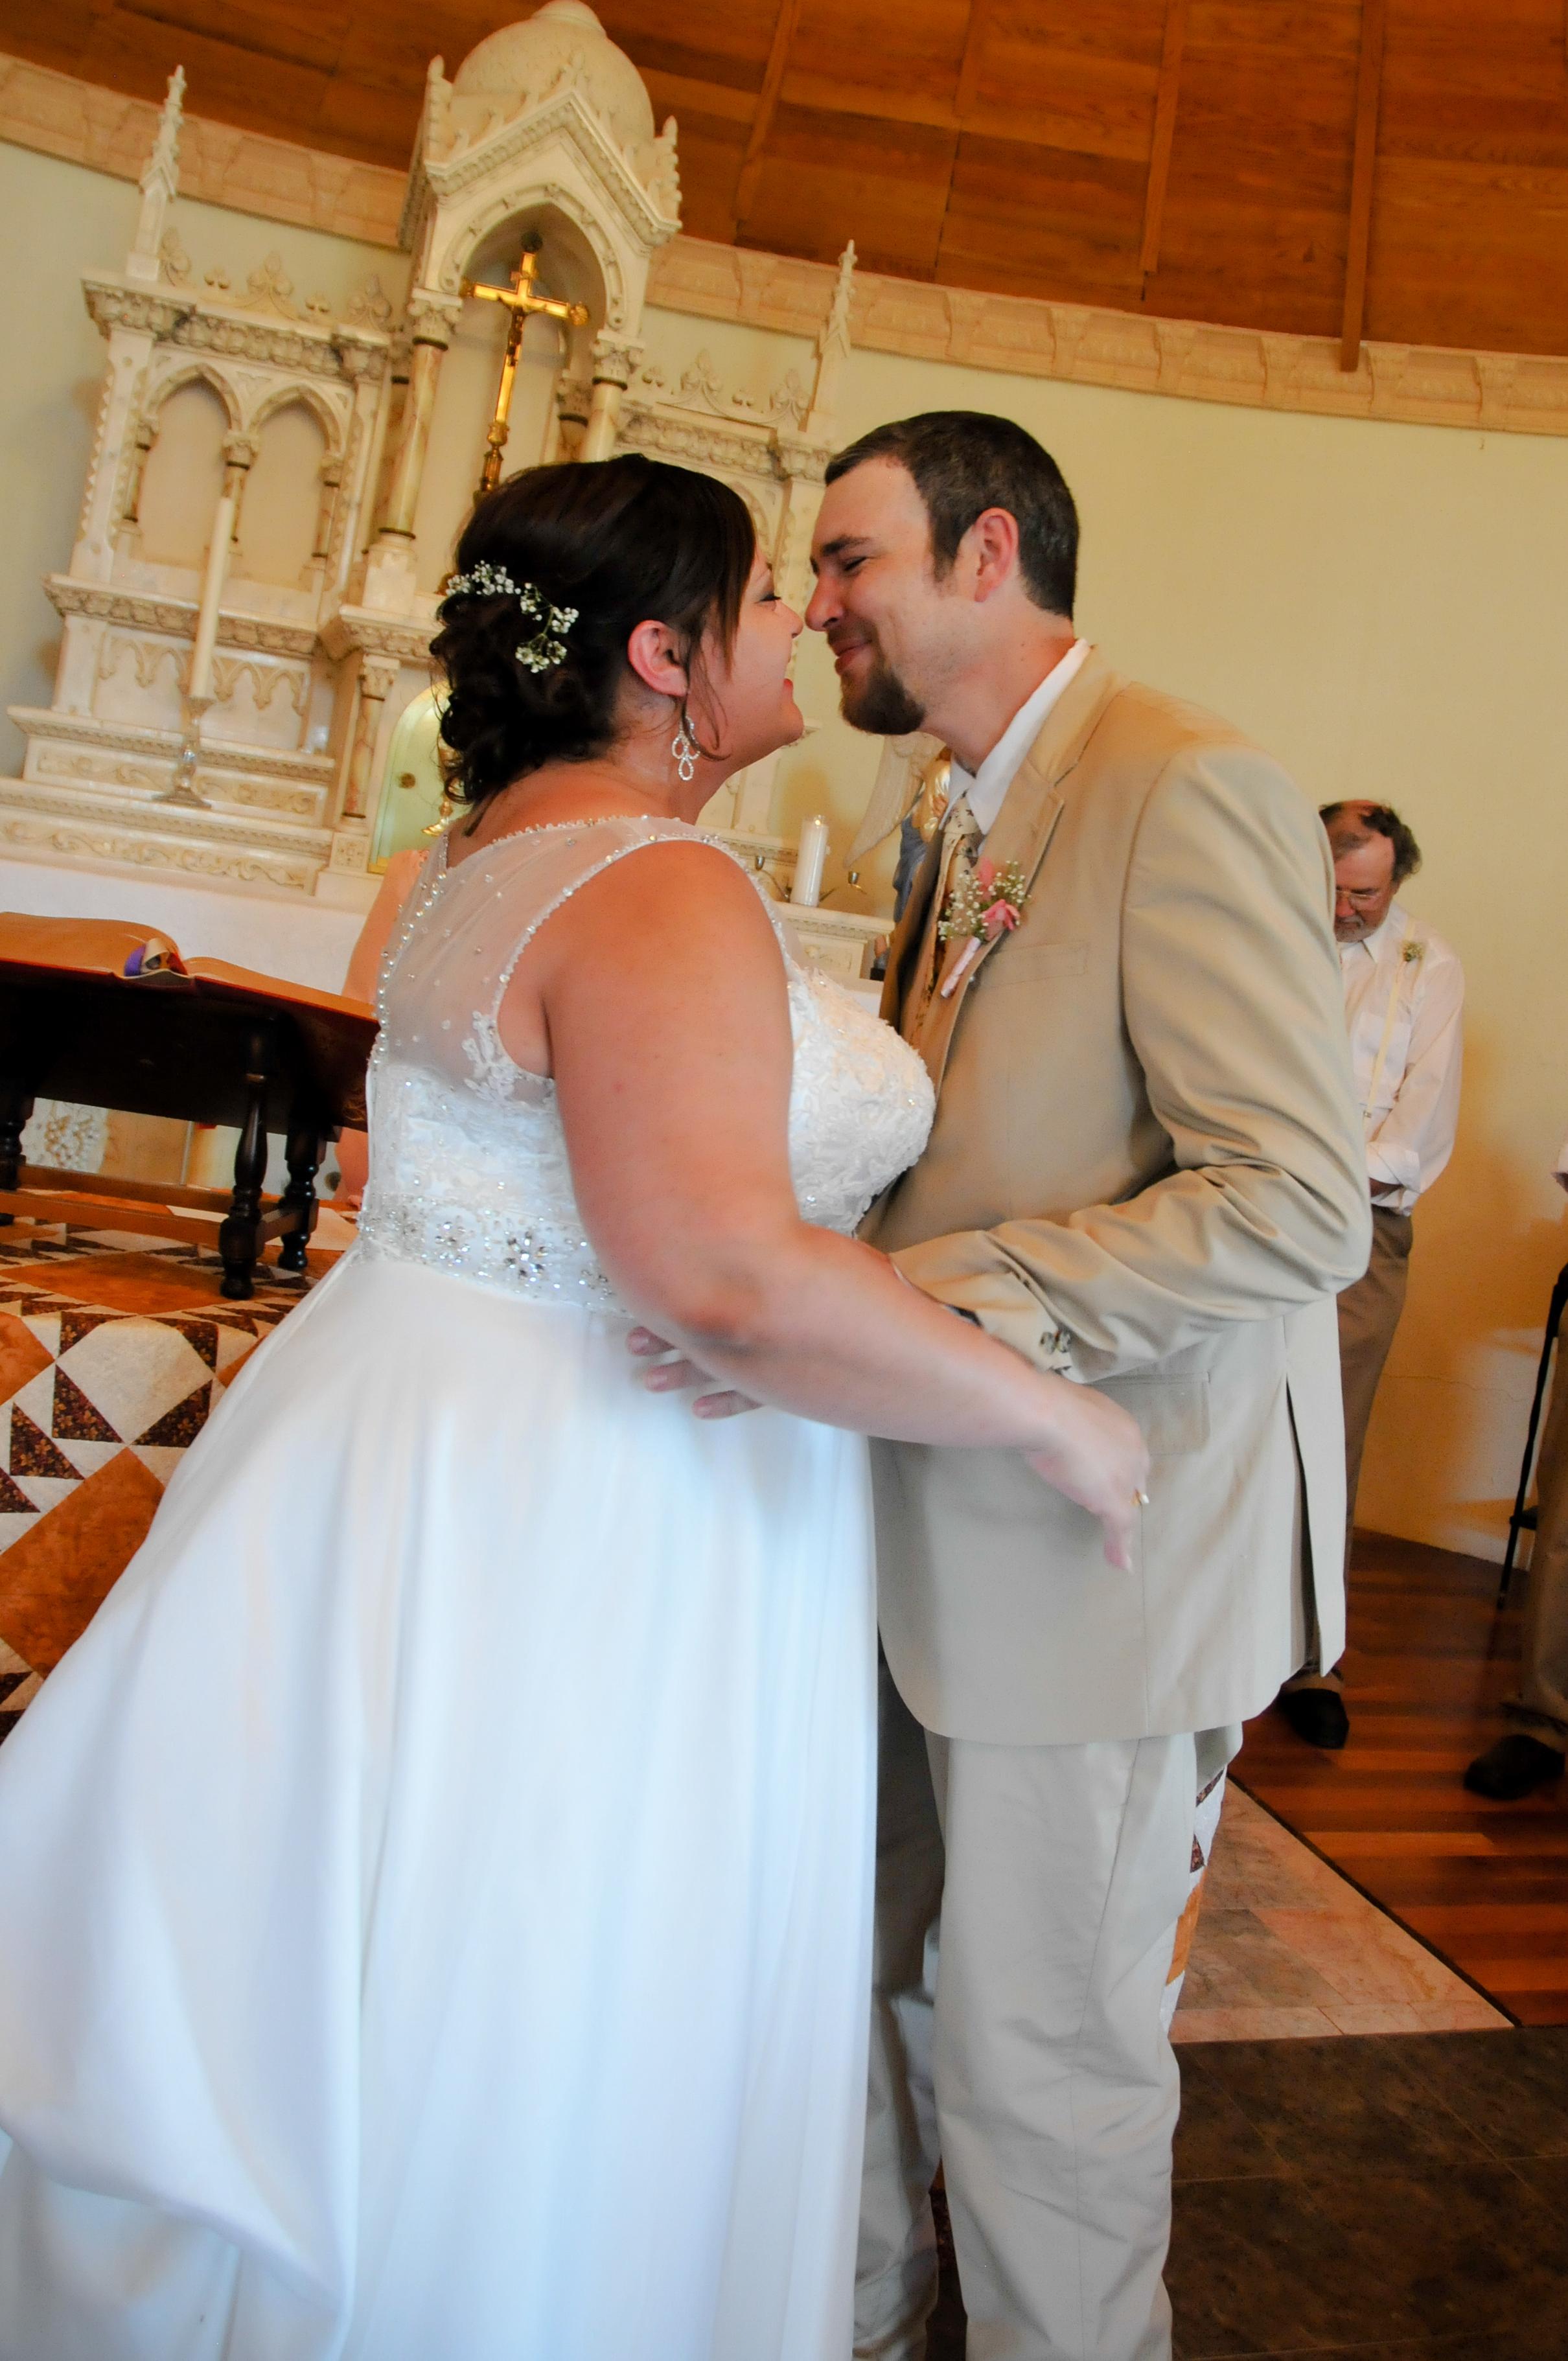 AZAZIE Plus Size Bridal Gown